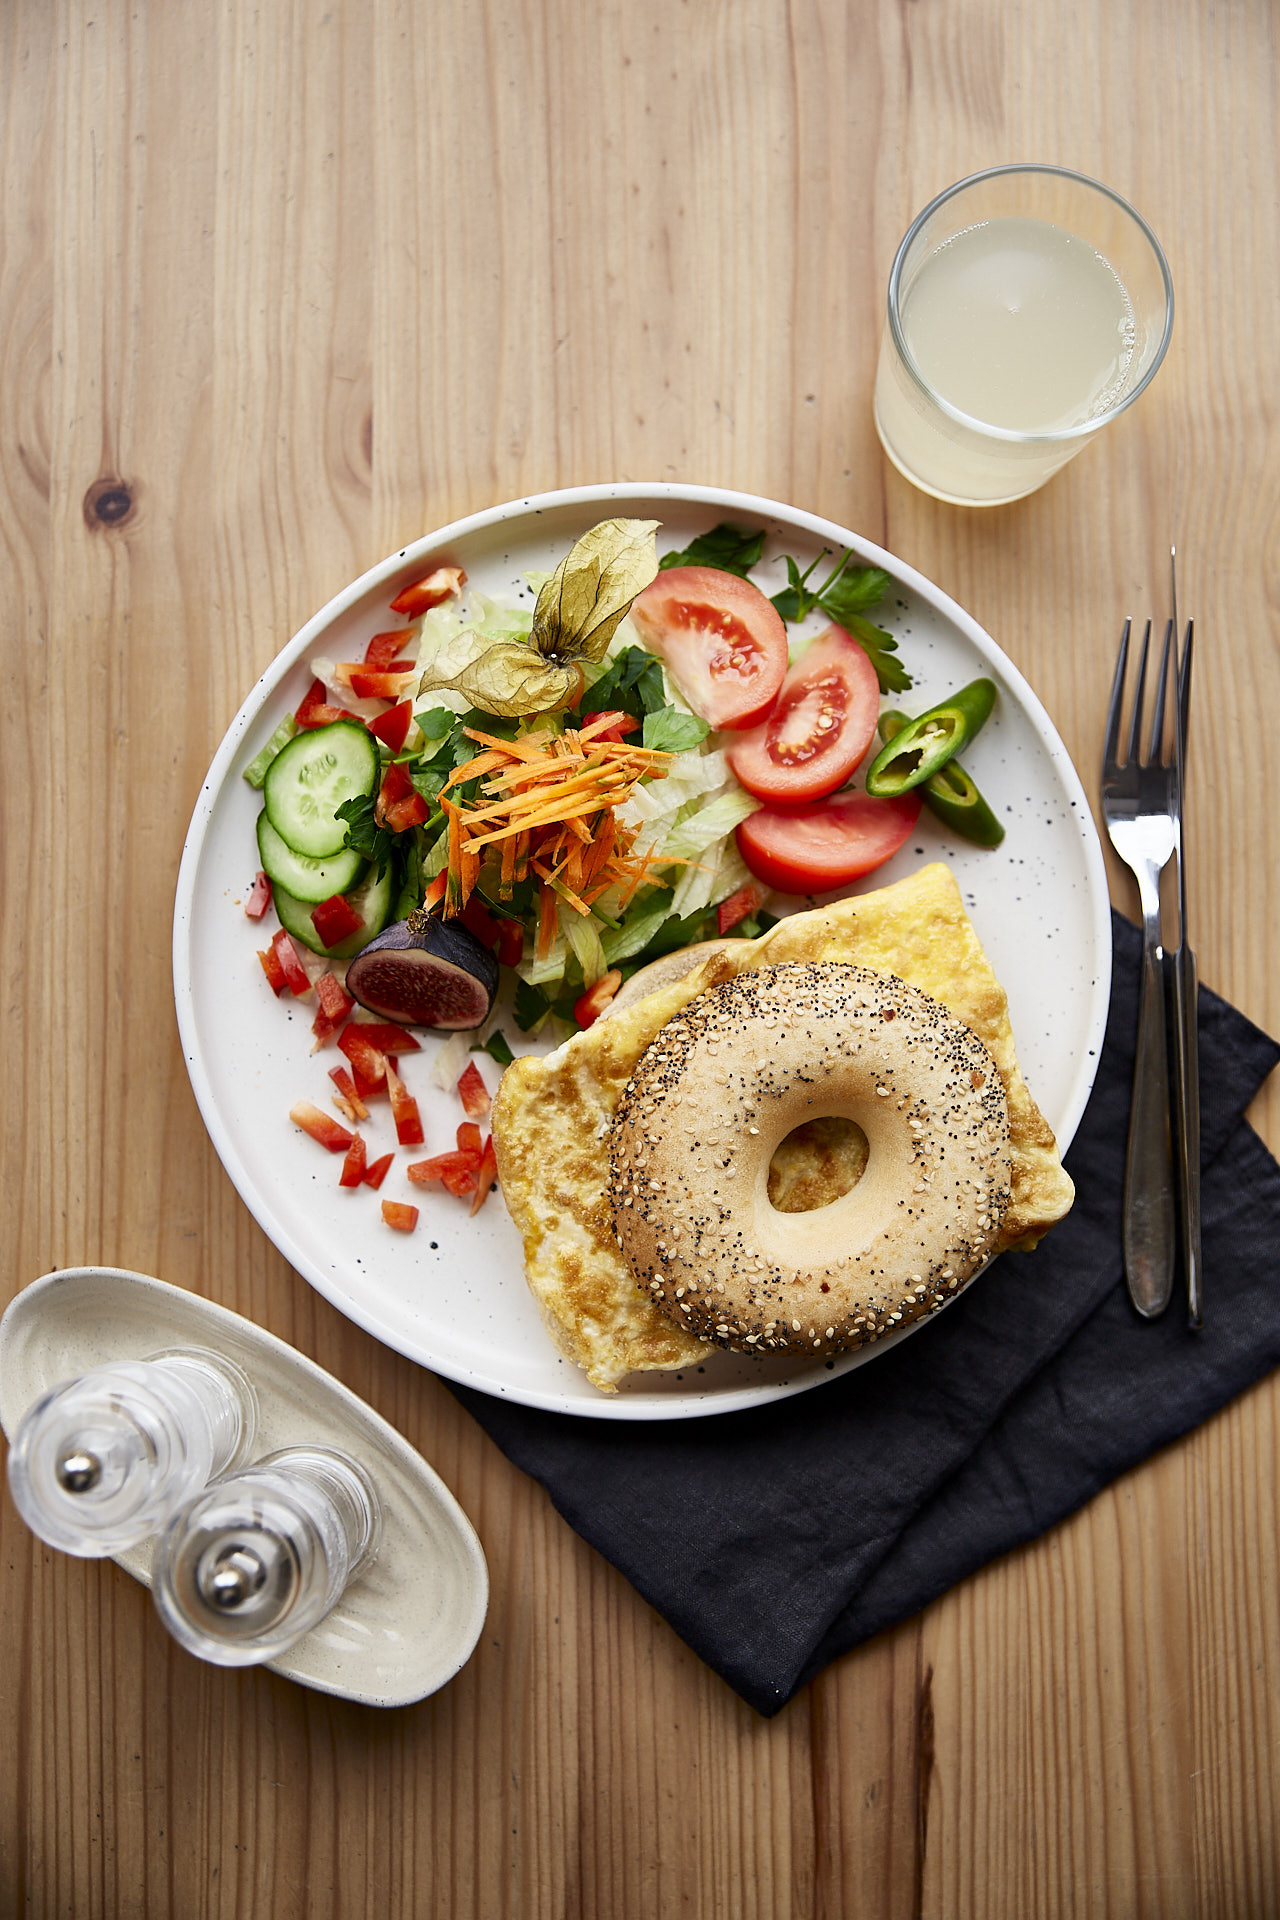 Schönes Food Foto von oben, zeigt einen gedeckten Tisch mit einem Teller mit grünem Salat und einem Bagel, belegt mit Omelette